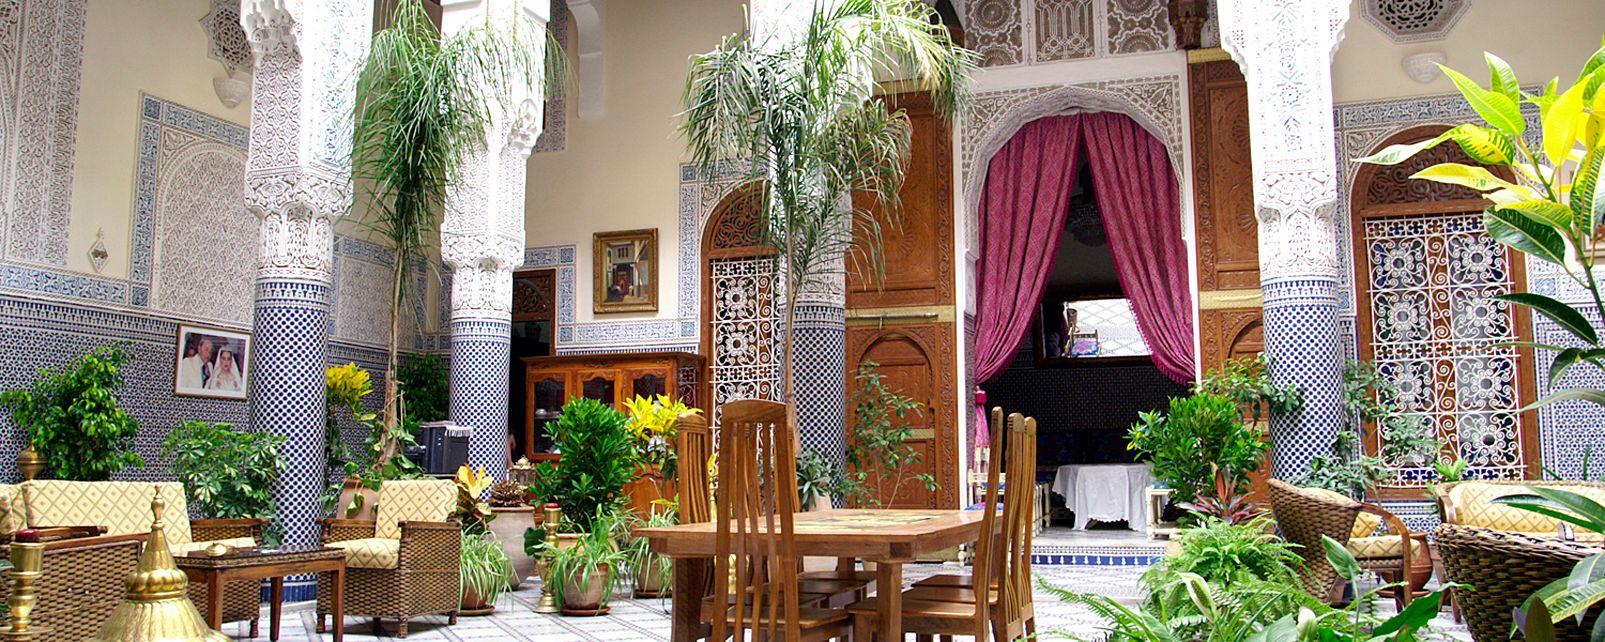 Hotel Palais d'hôtes et spa andalou